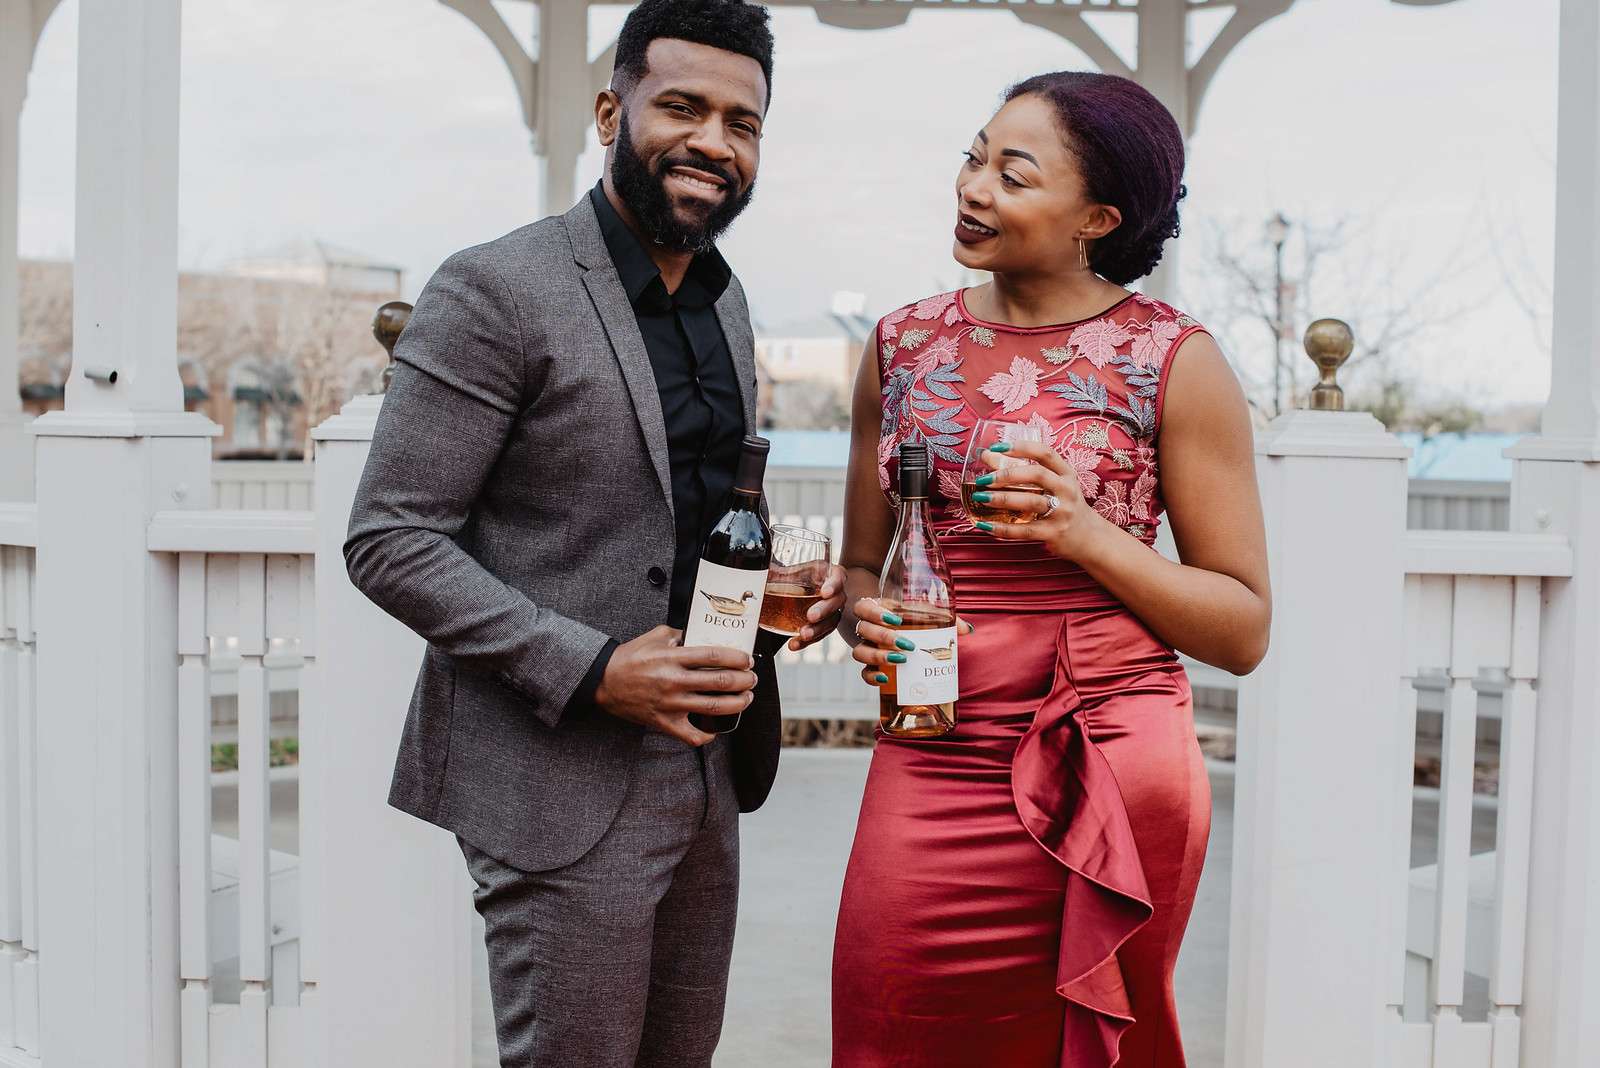 wine to enjoy during awards season